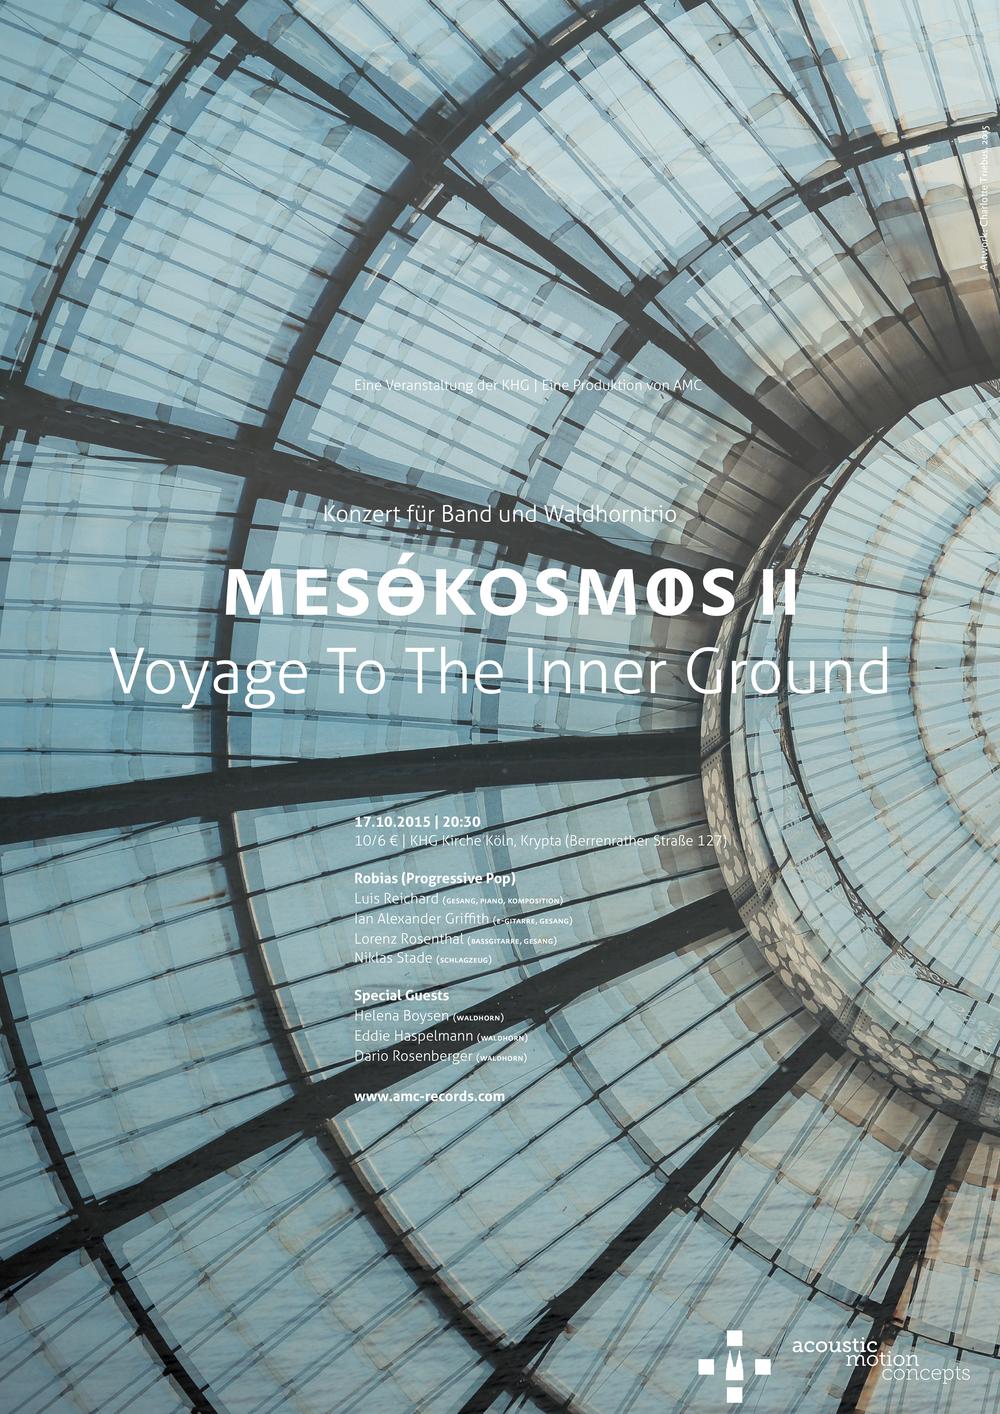 Mesokosmos II Poster